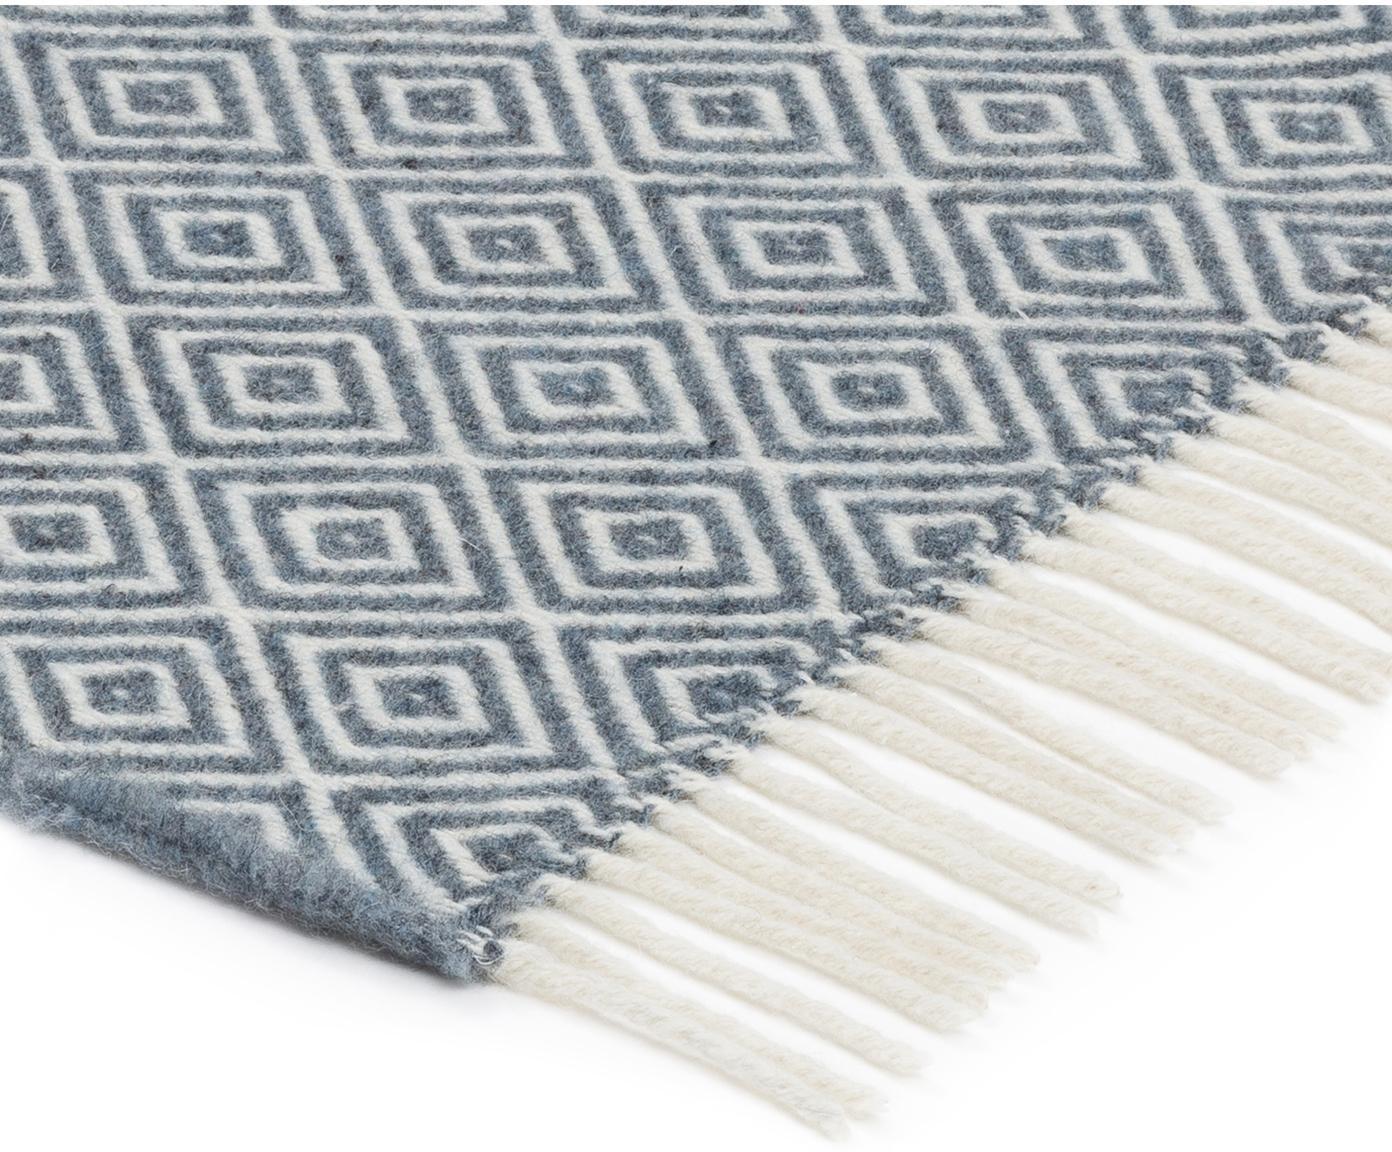 Woll-Plaid Alison mit feinem grafischem Muster, 70% Merinowolle, 30% Polyester, Graublau, Gebrochenes Weiß, 140 x 200 cm